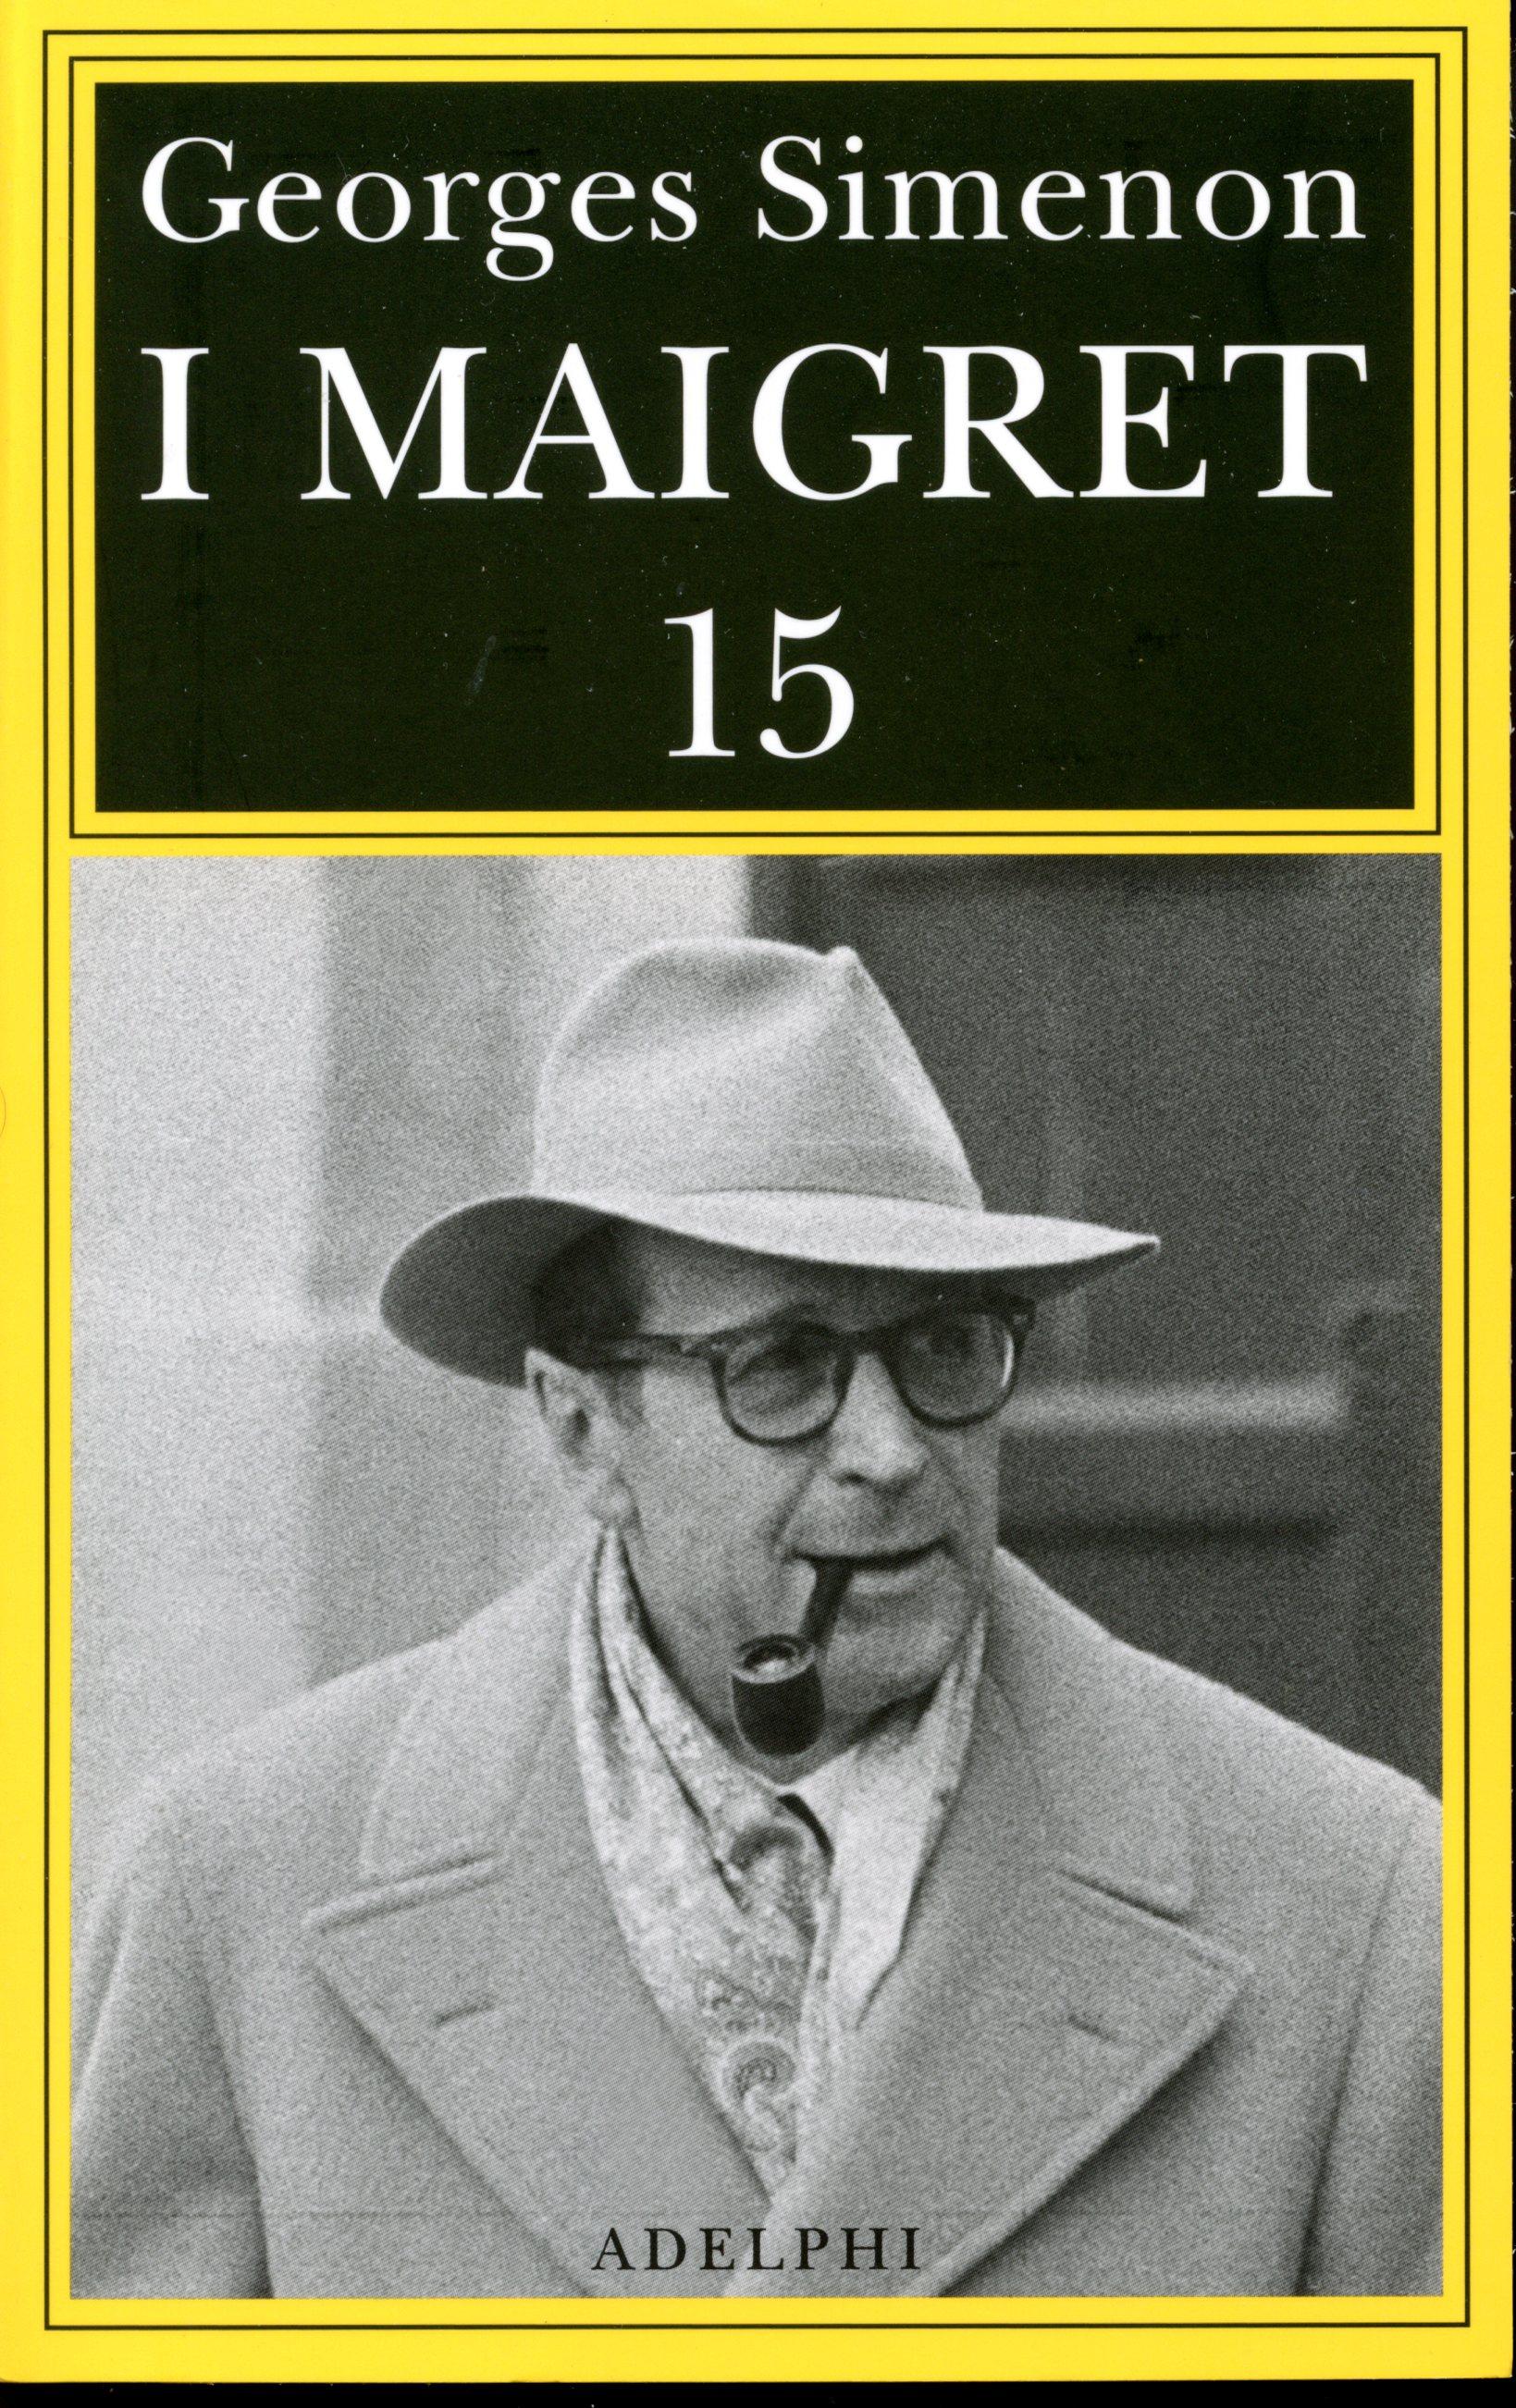 I Maigret 15